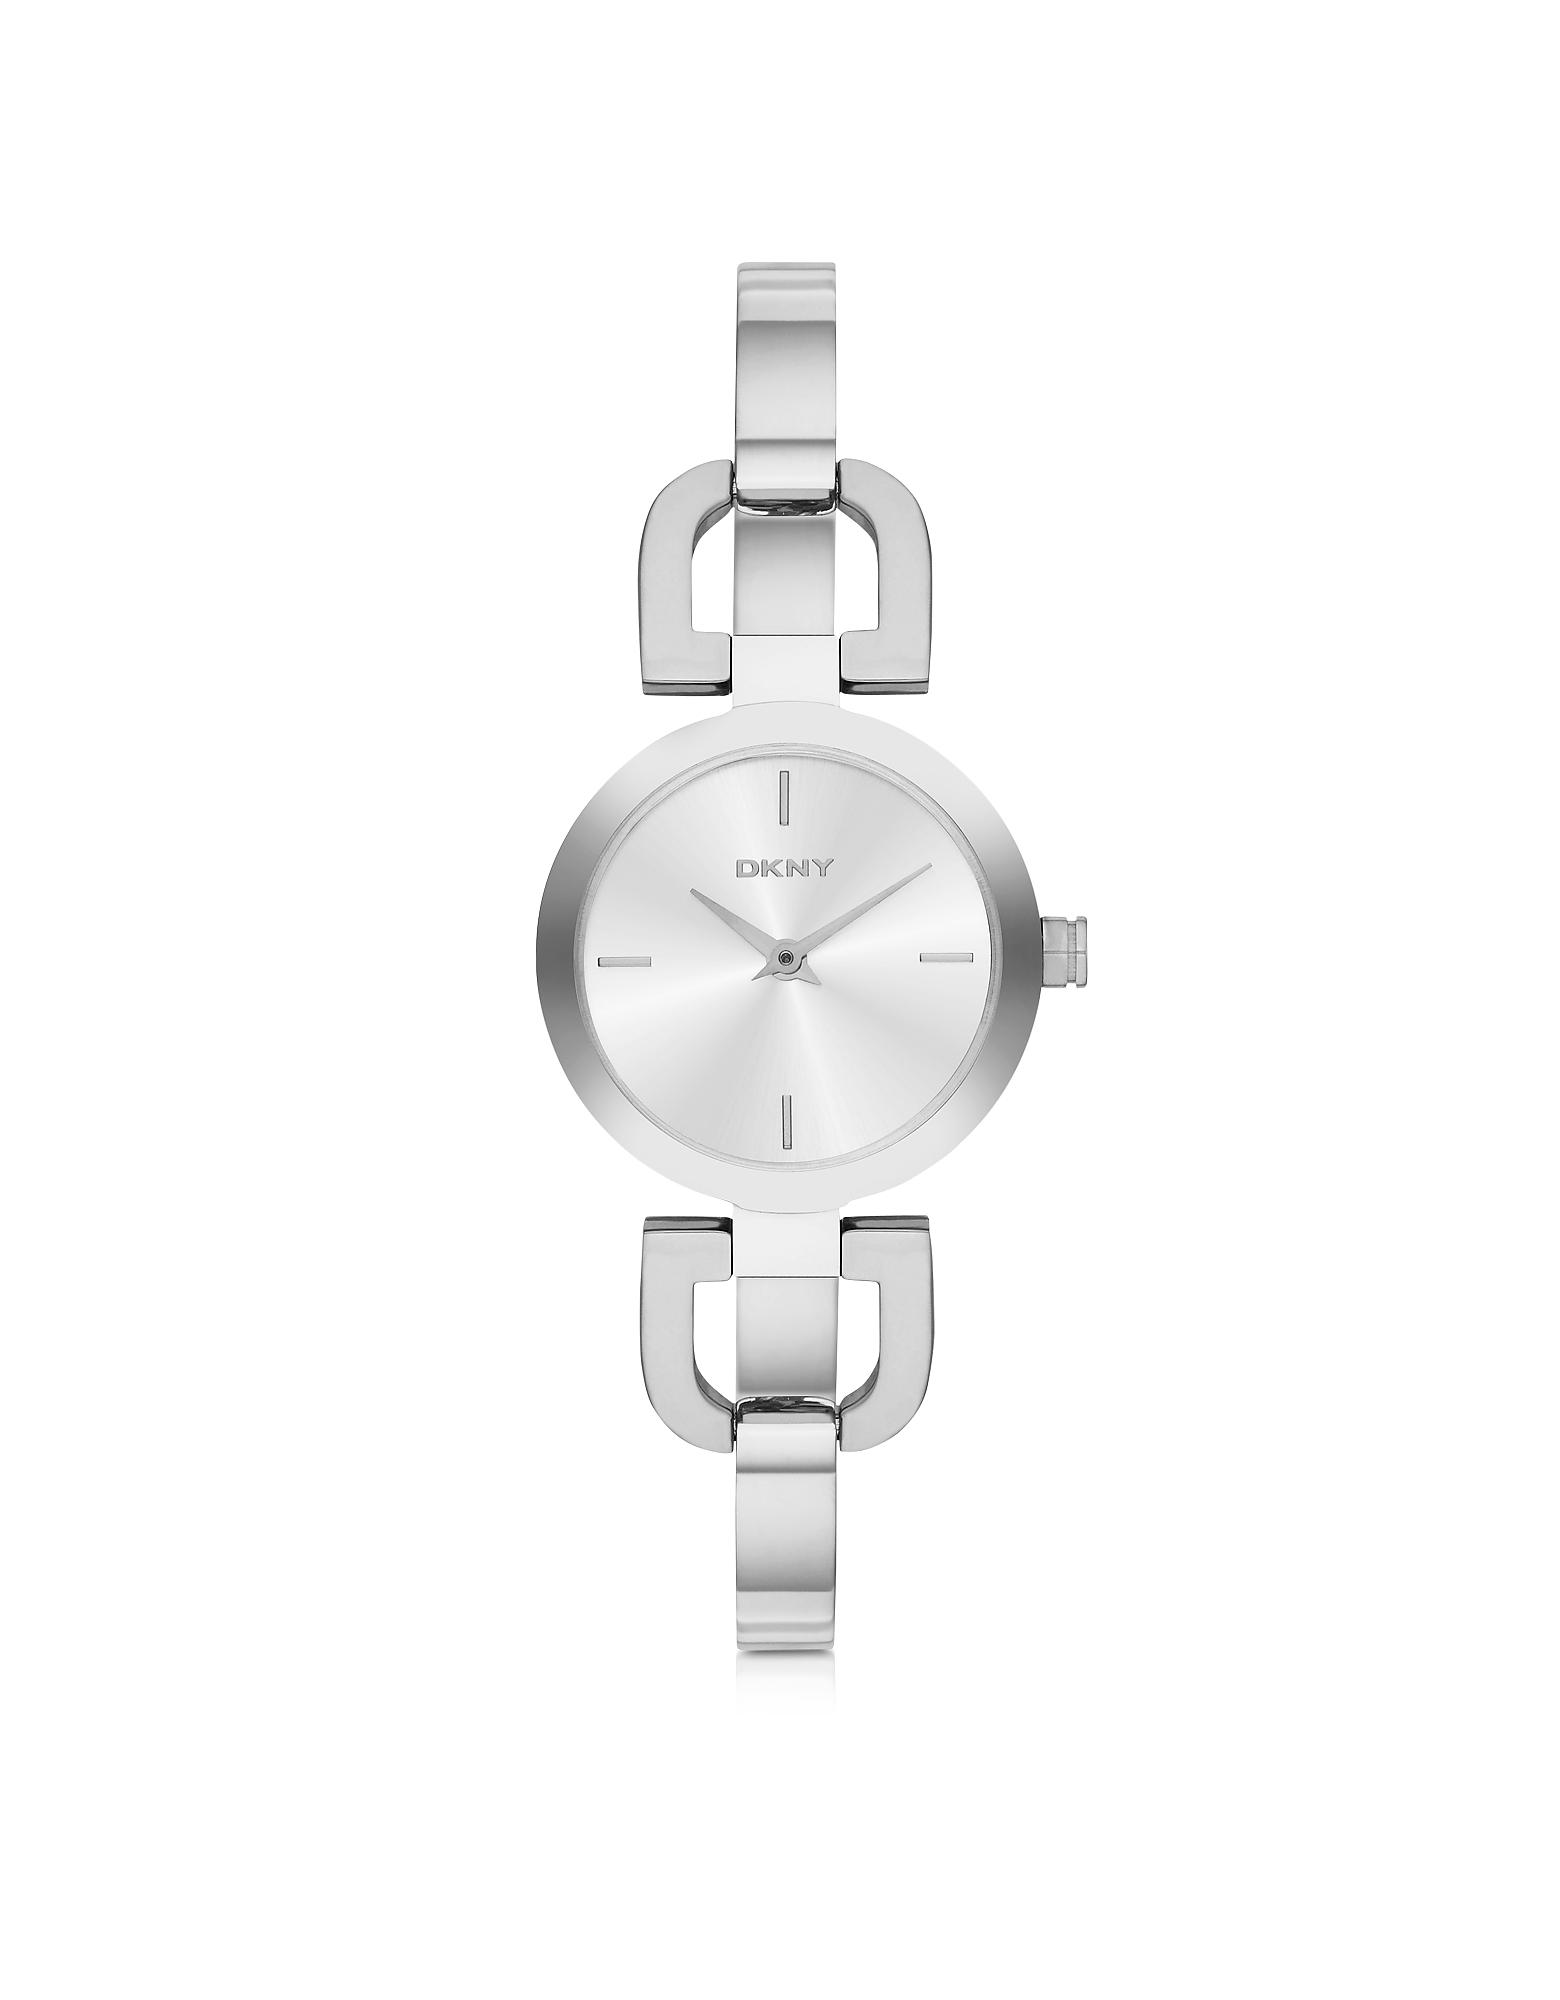 Reade - Серебристые Женские Часы из Нержавеющей Стали